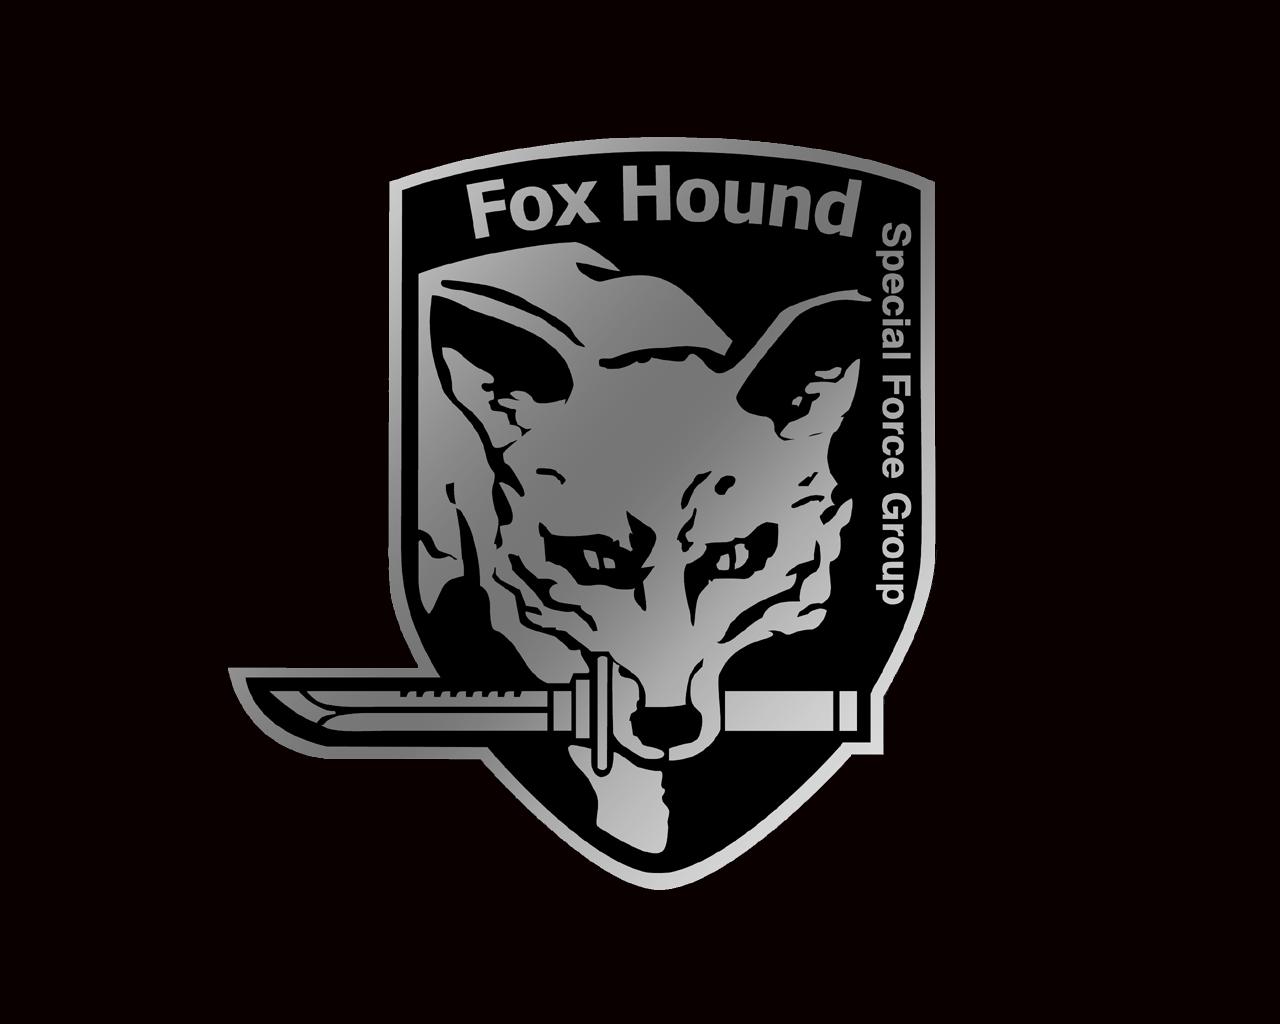 Http 40 Media Tumblr Com 5358fd993d615ee543421763fe14c7a7 Tumblr N9hajwffbt1teiu7jo1 1280 Png Metal Gear V Gear Tattoo Metal Gear